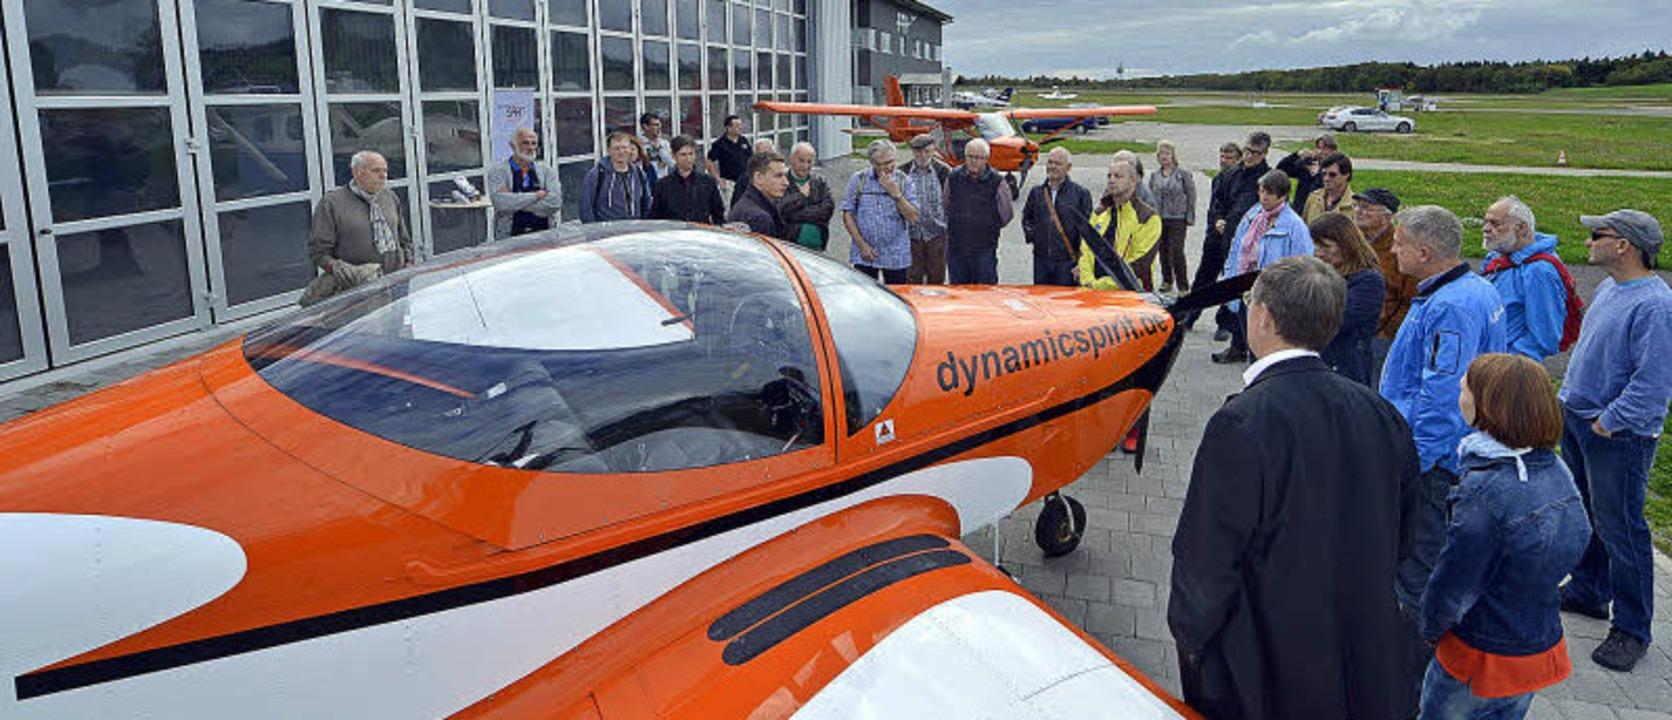 Dynamic Spirit fliegt mit Ultraleichtflugzeugen und bildet Piloten aus.   | Foto: Michael Bamberger (2)